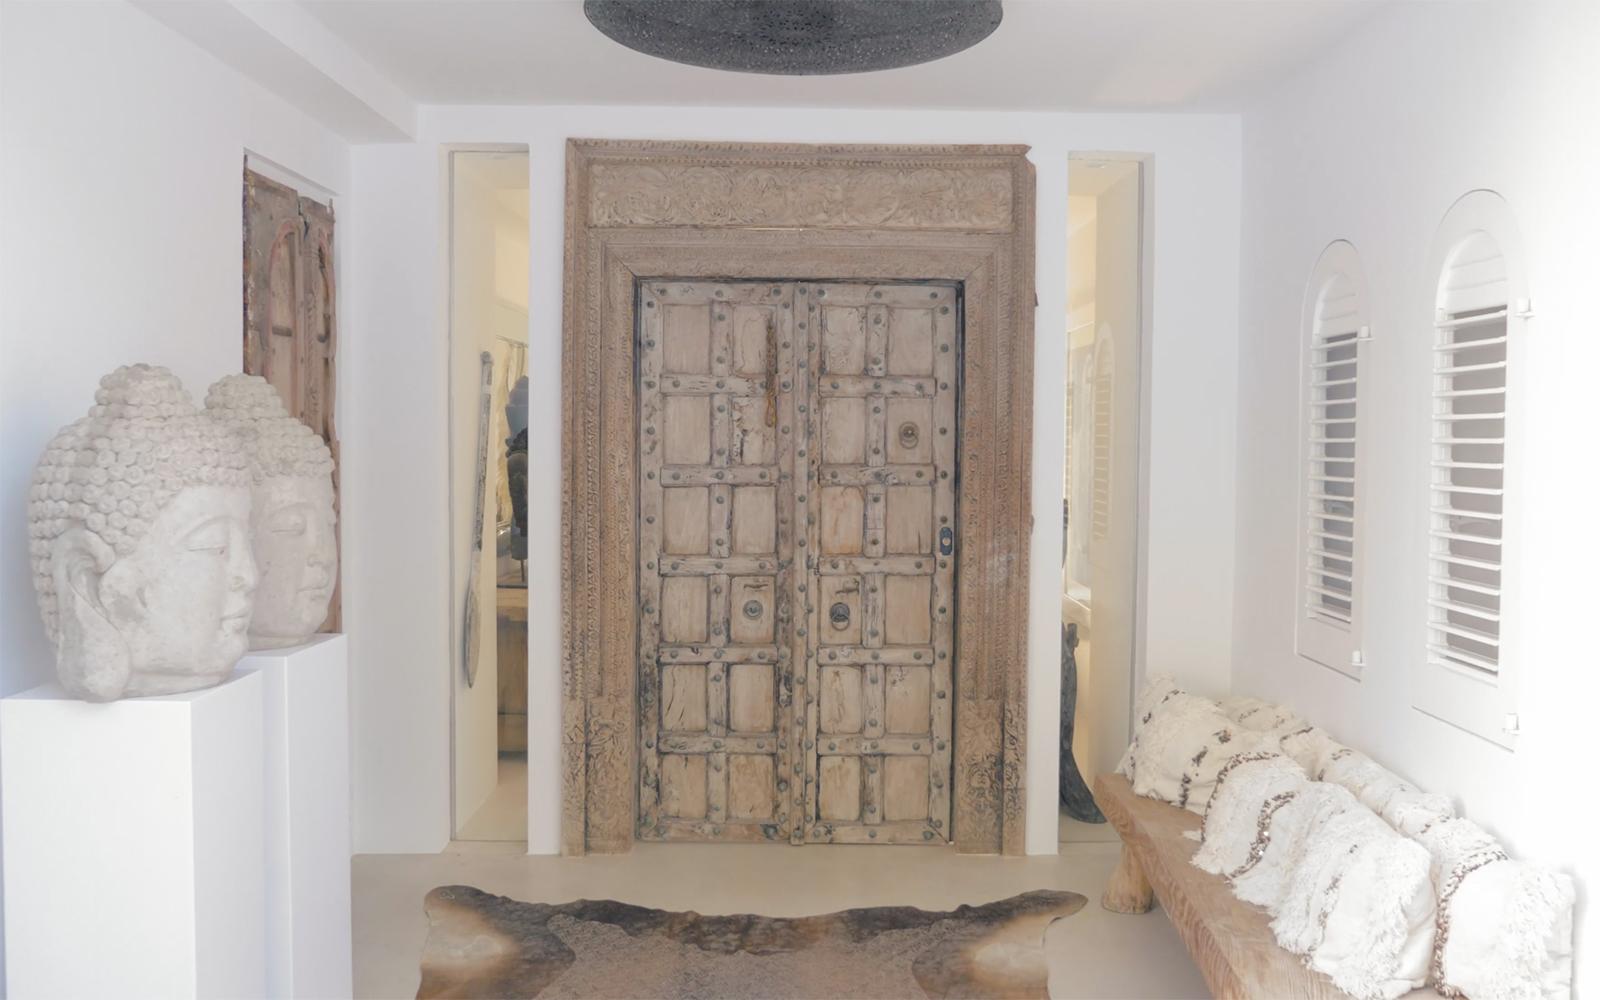 Ibiza villa, Yolanthe en Wesley Sneijder, Ibiza, Te huur, Villa, Luxe, High-end, Ibiza stijl, Authentieke deur, Details